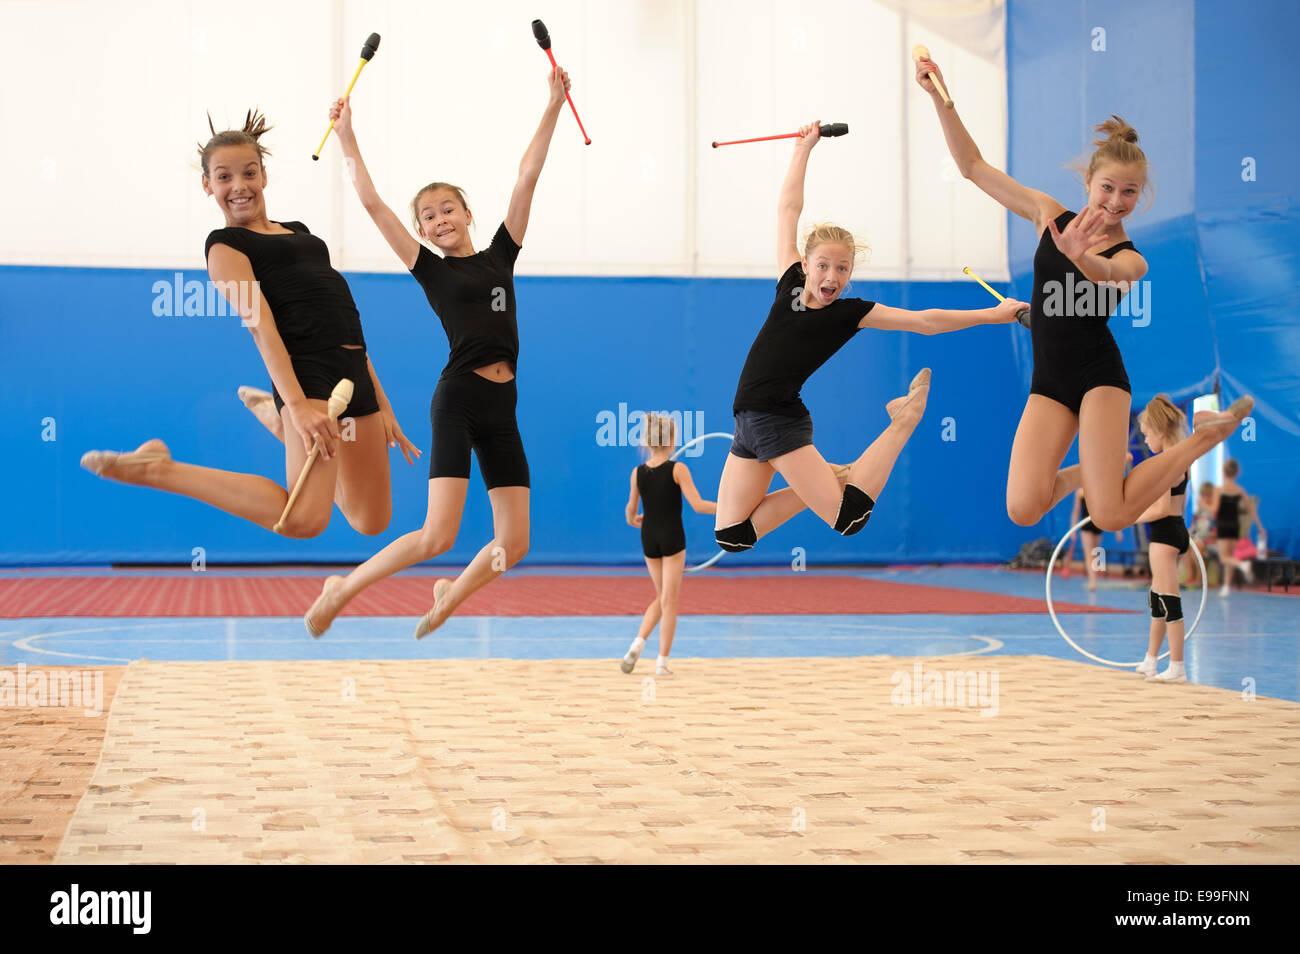 Le ragazze con i club indiano durante il salto in alto Immagini Stock